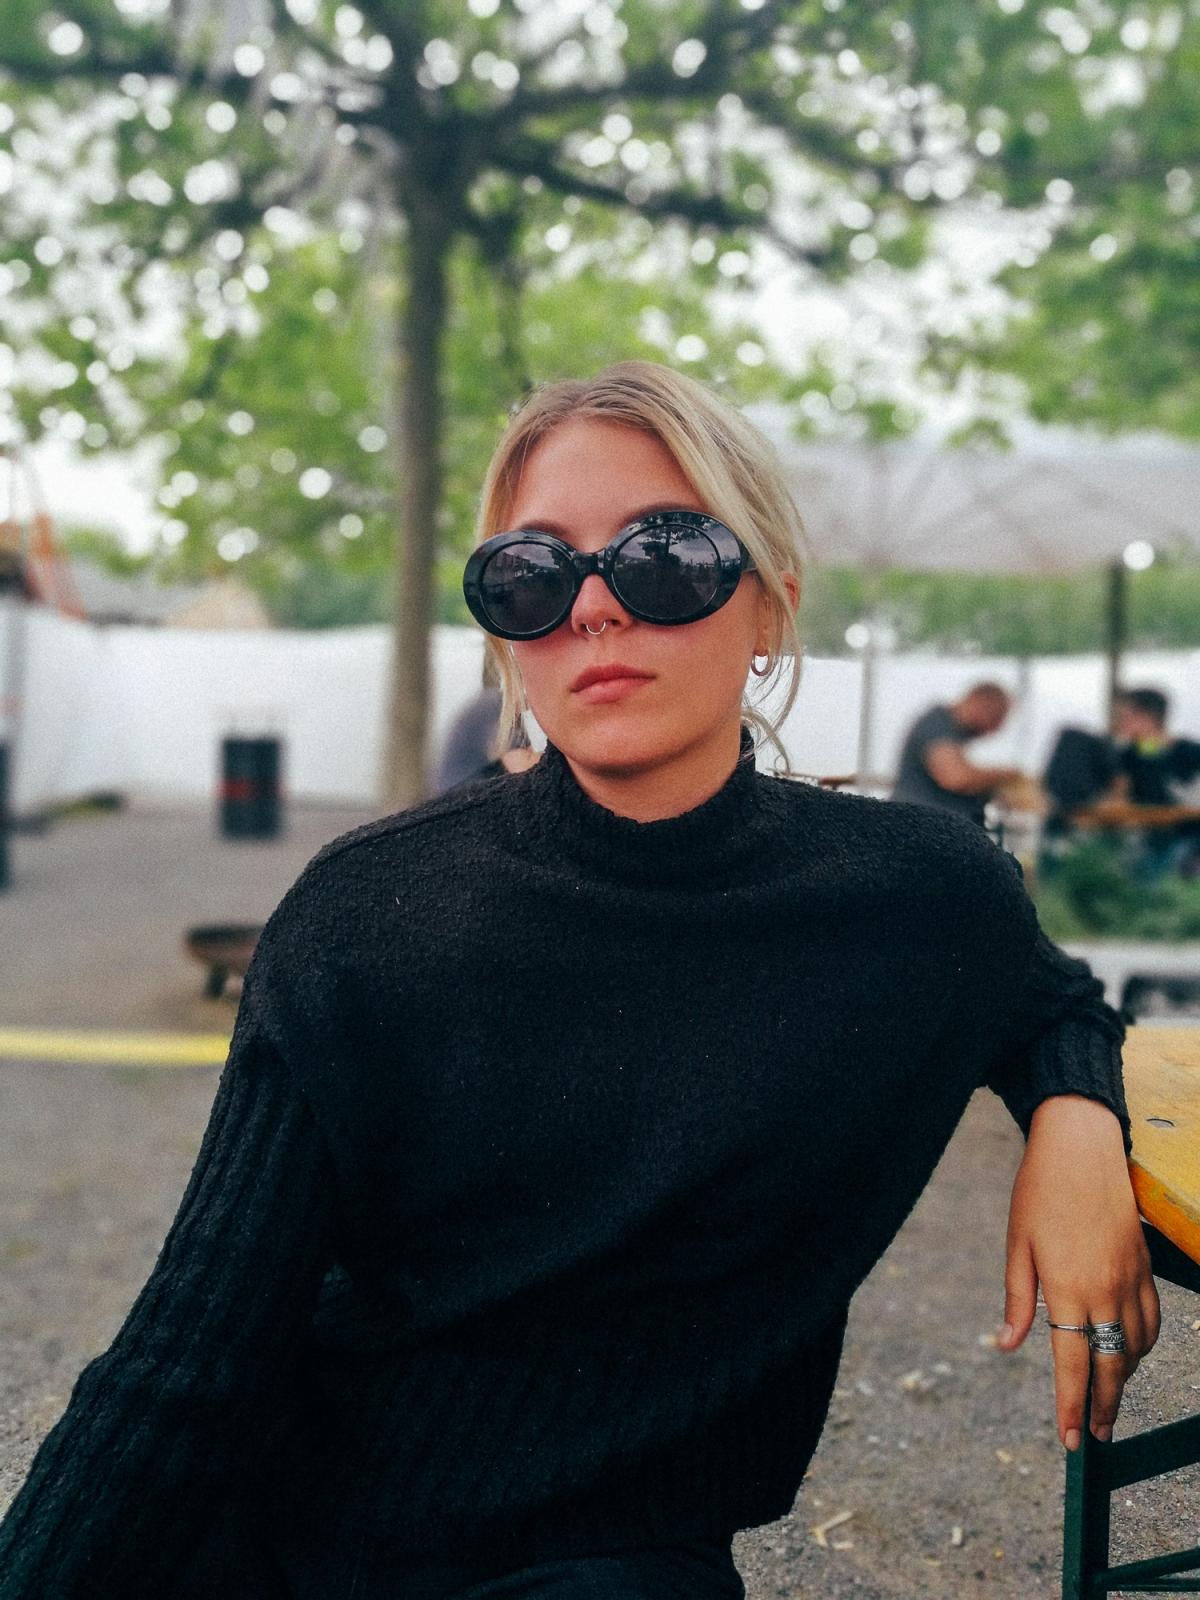 Julia, aufgenommen mit der 1.9-Blende